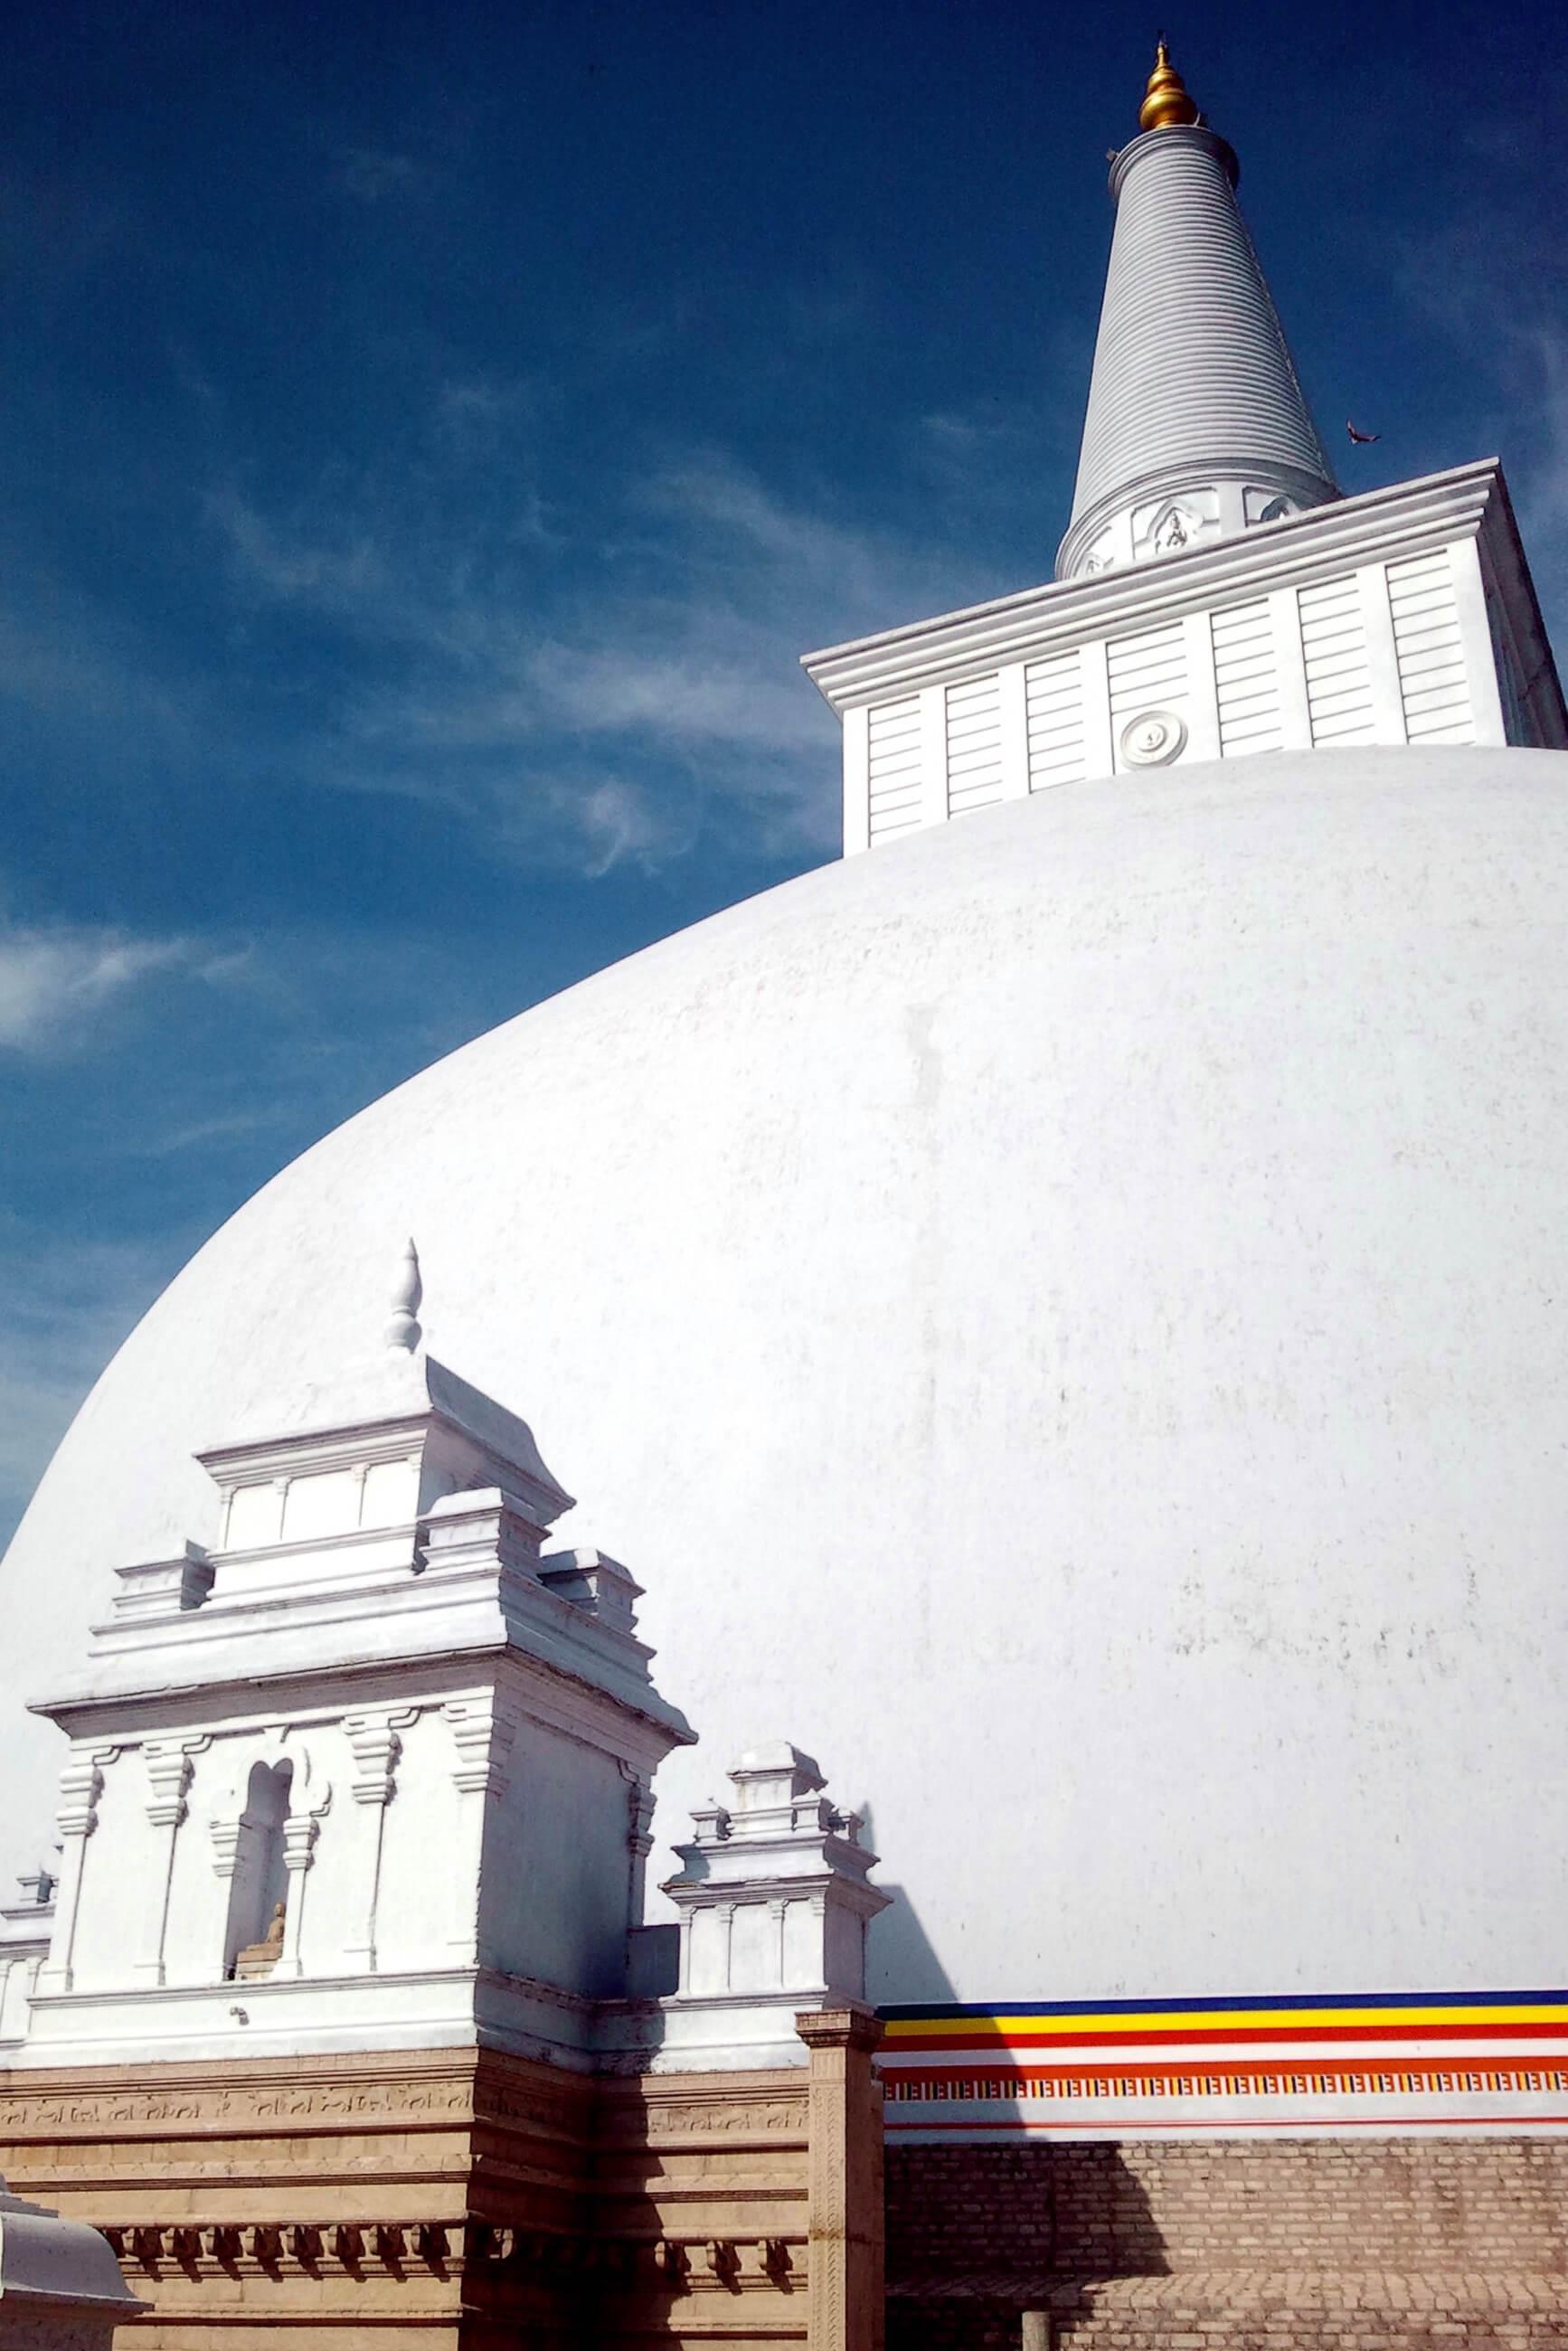 https://bubo.sk/uploads/galleries/7327/archiv_misogaj_srilanka_img_20141026_194203.jpg